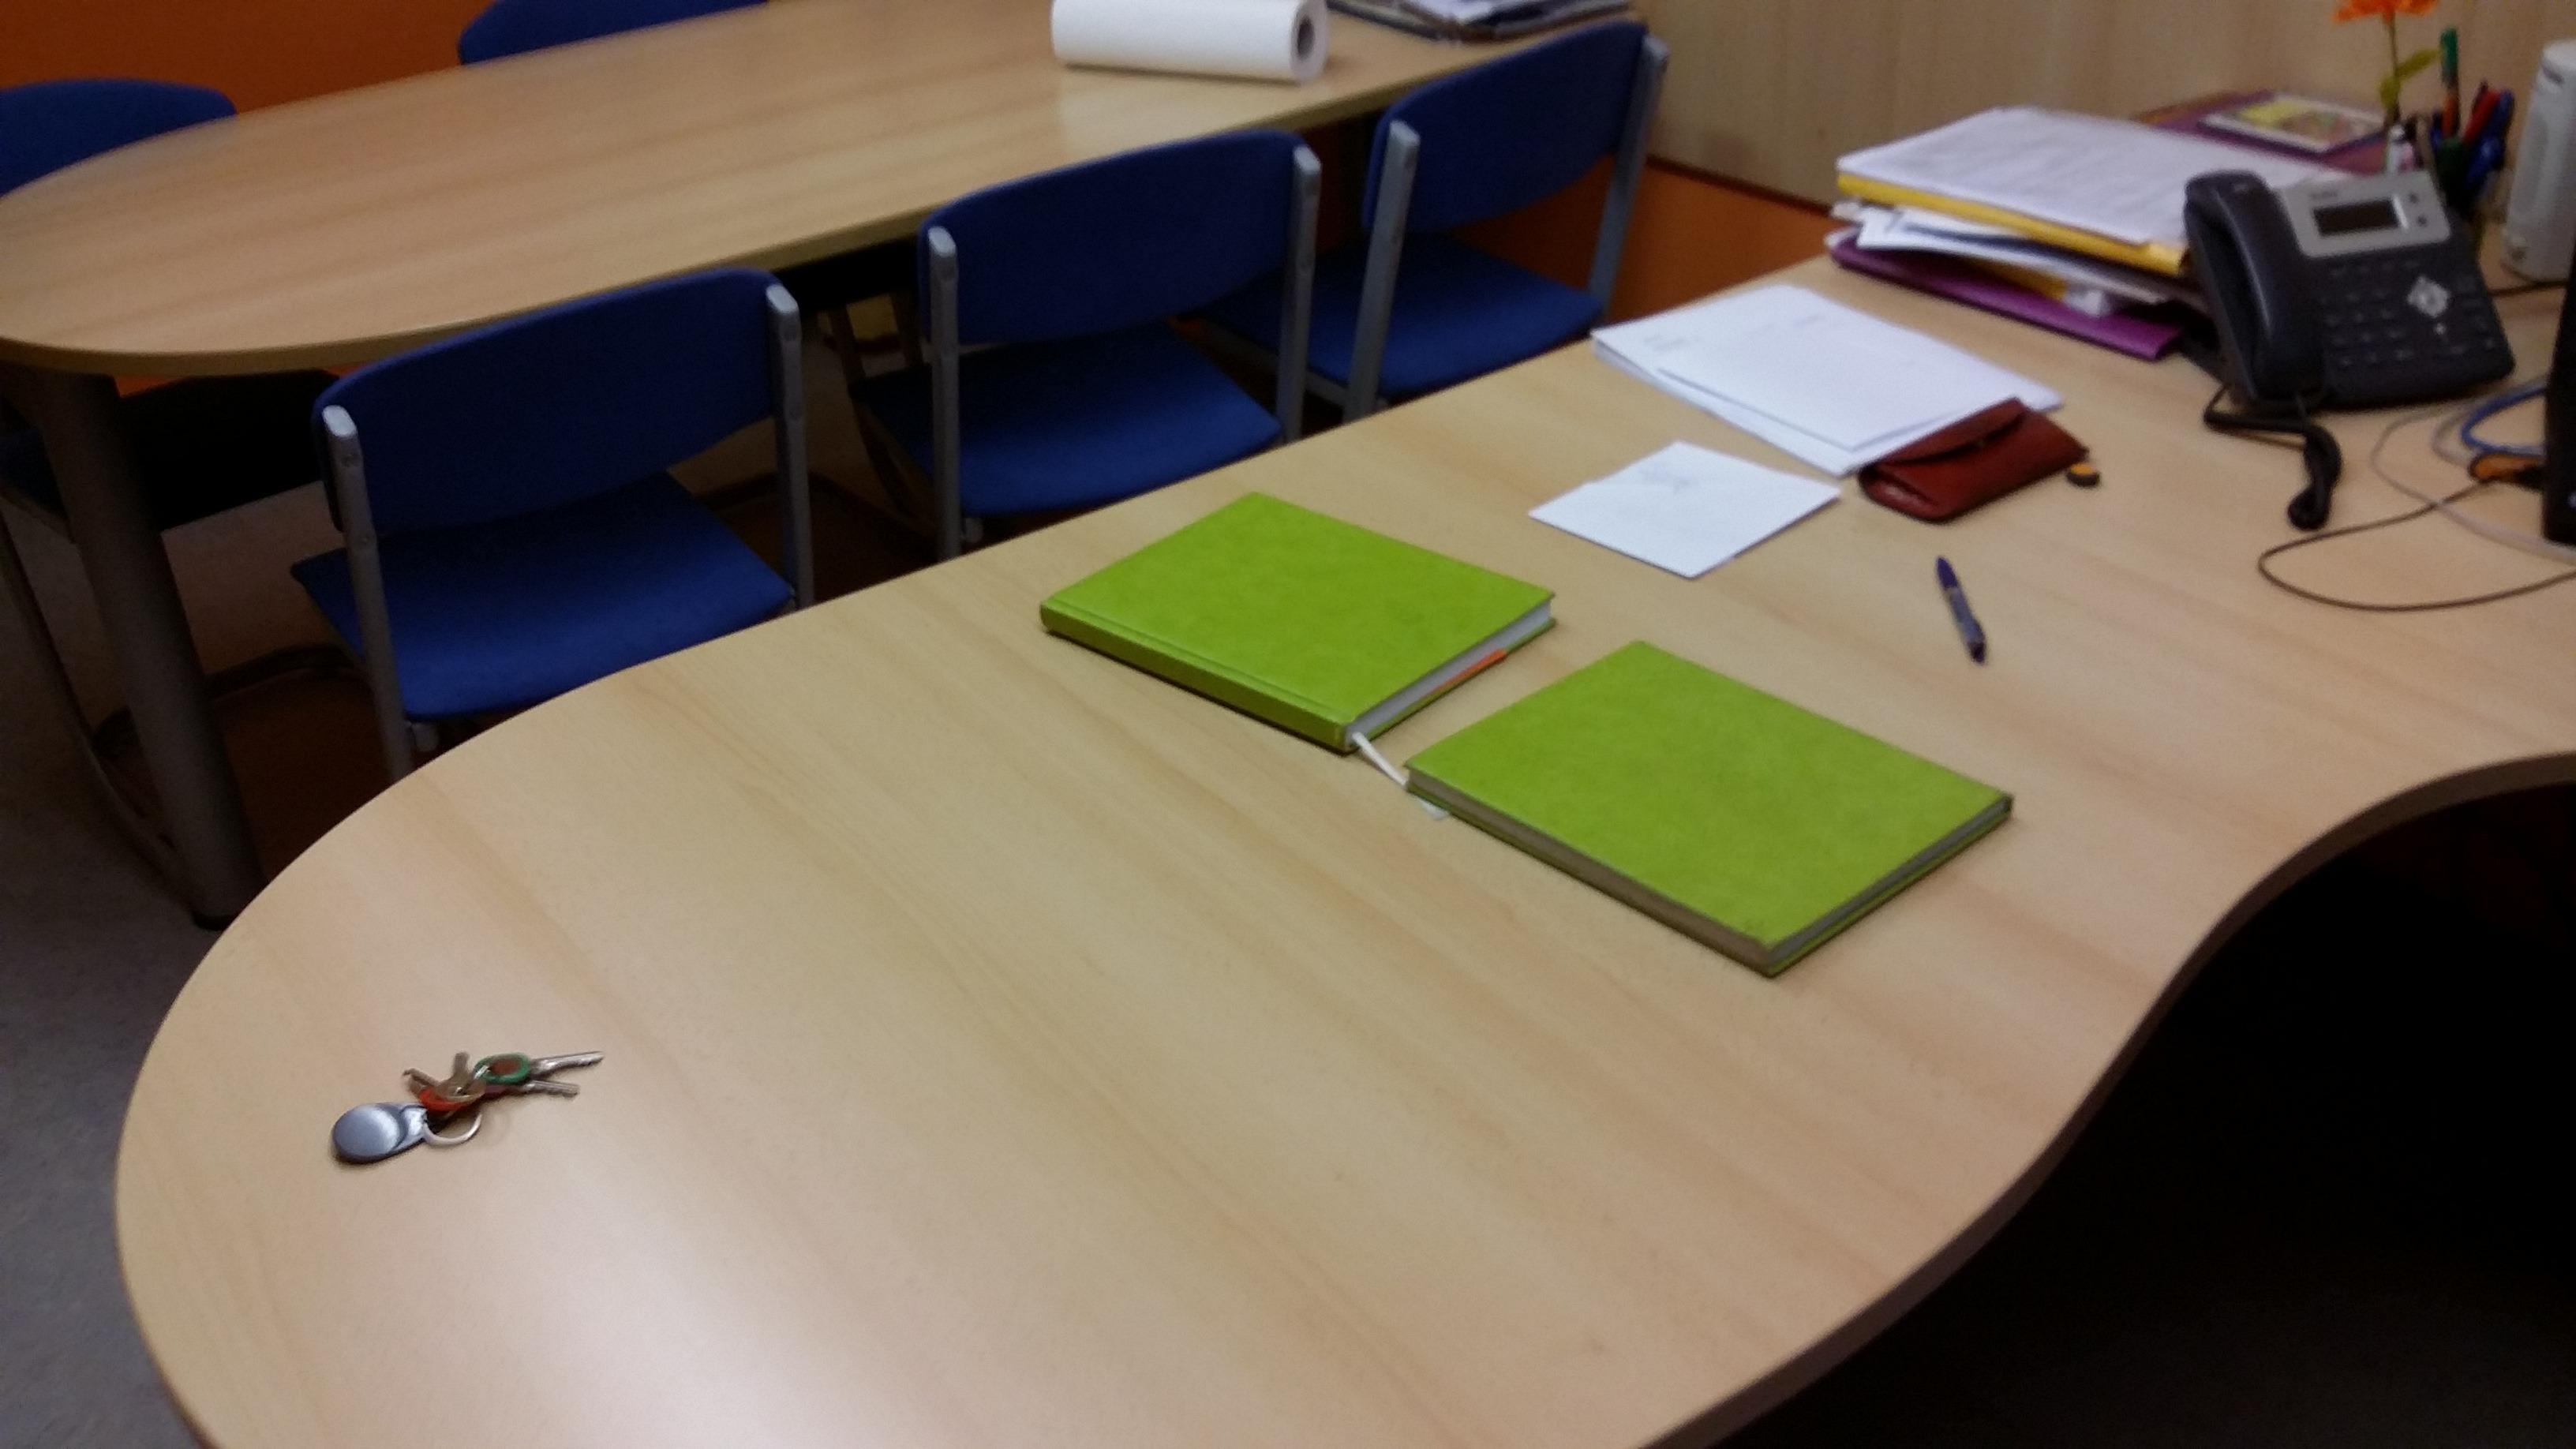 Primer izdelave pisalne mize.